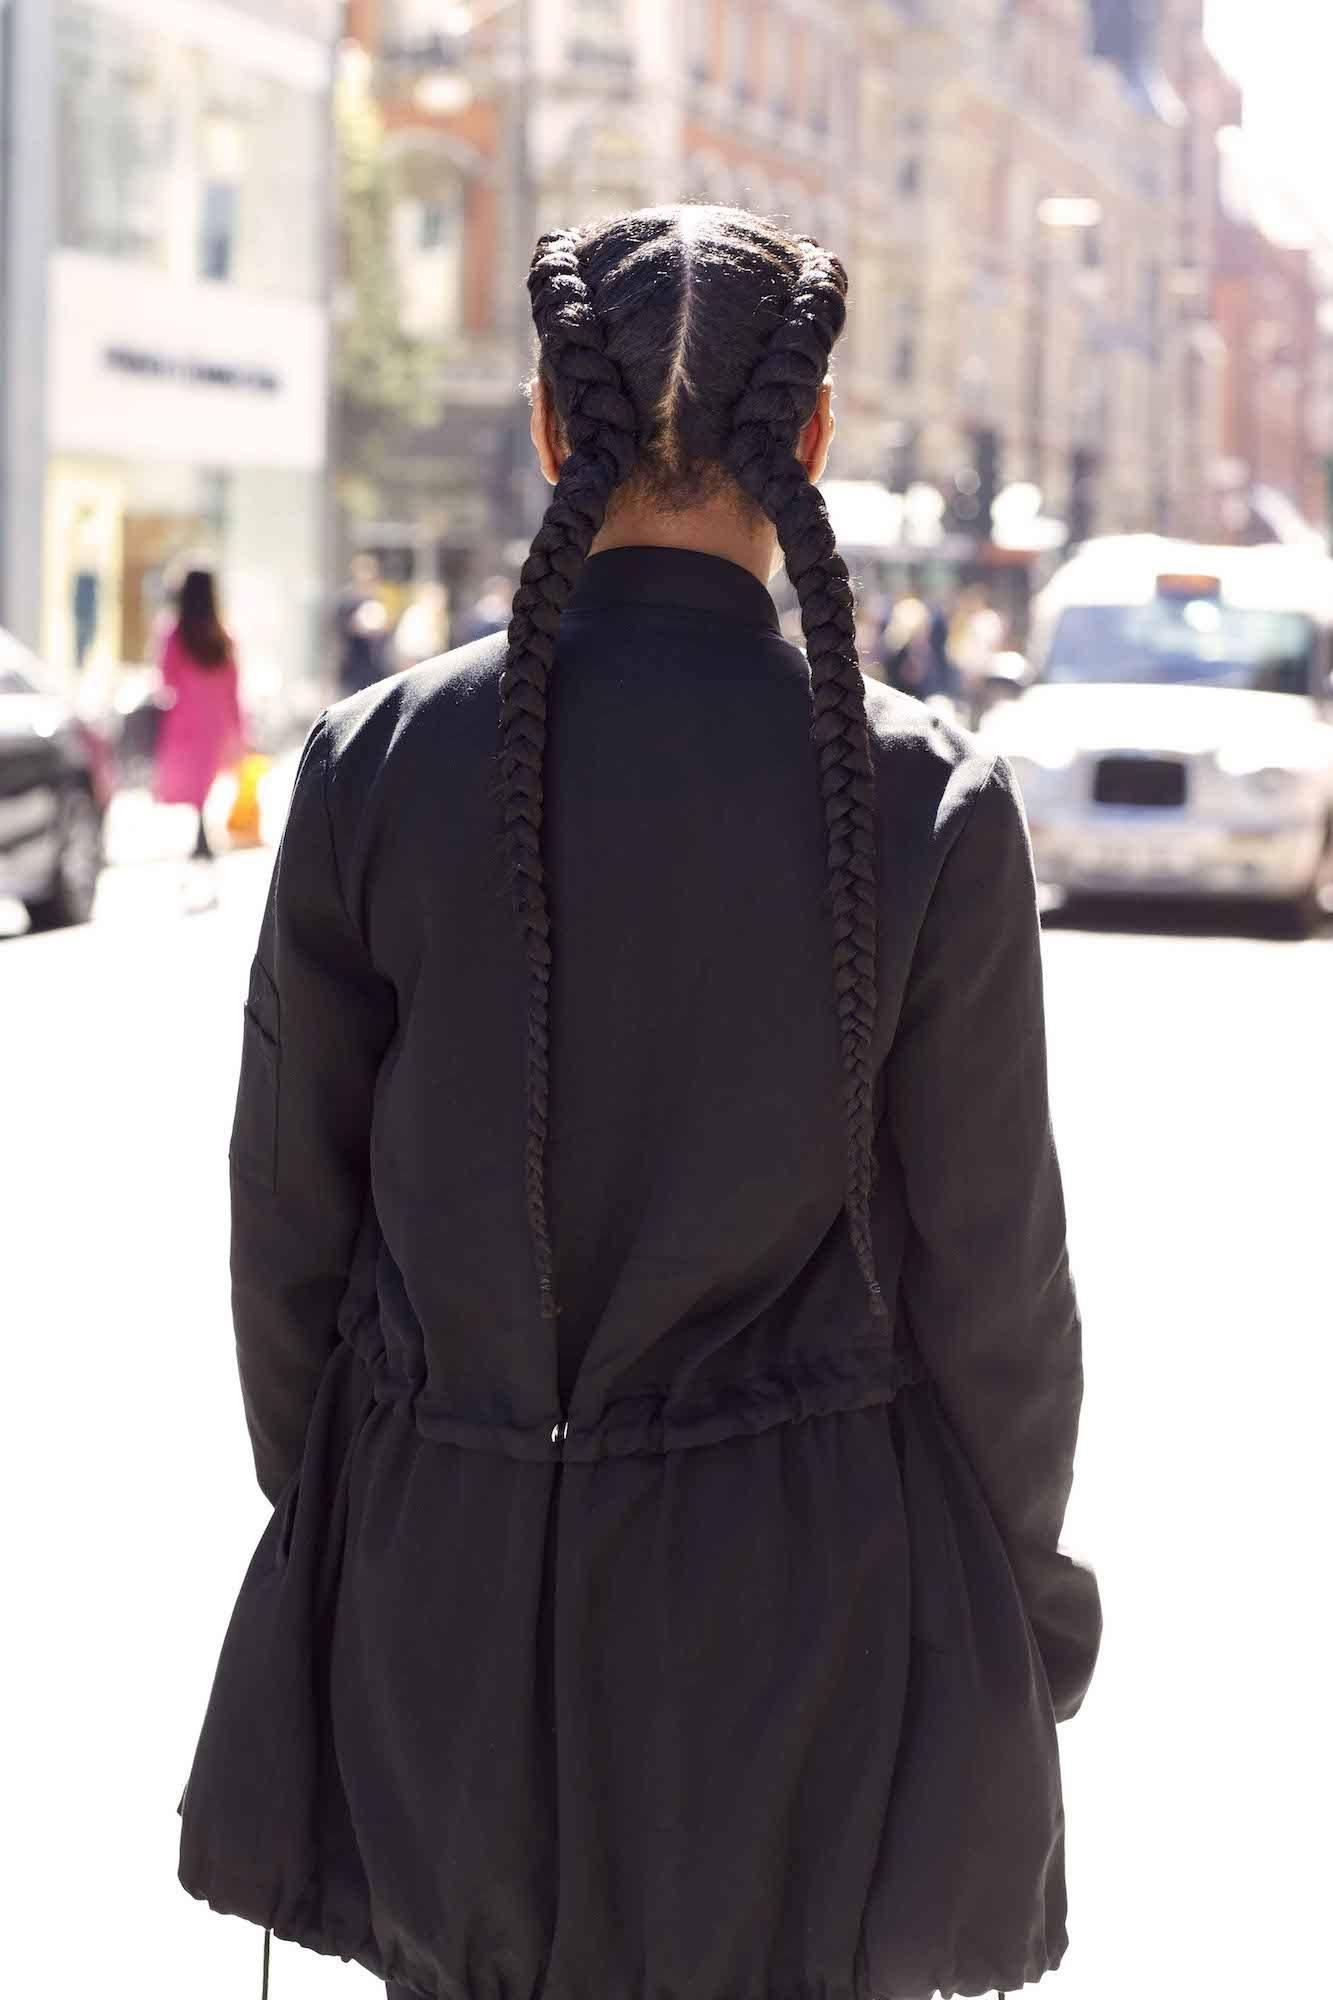 Rambut hitam panjang dengan gaya rambut boxer braid